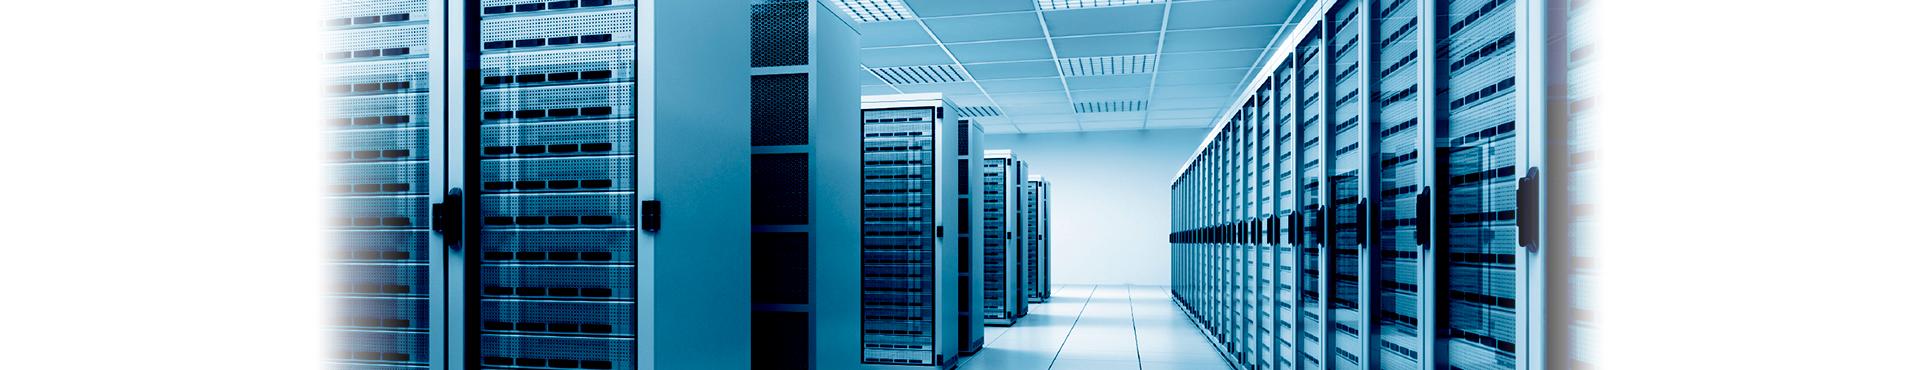 Hébergement : externalisation des données, hébergement de messagerie collaborative, hébergement de bureau distant, hébergement de serveur privé et virtuel, sauvegarde externalisée de données, plan de reprise d'activité, formation à l'usage de l'interface d'administration, suivi de la norme ITIL, base de connaissance mise à jour.